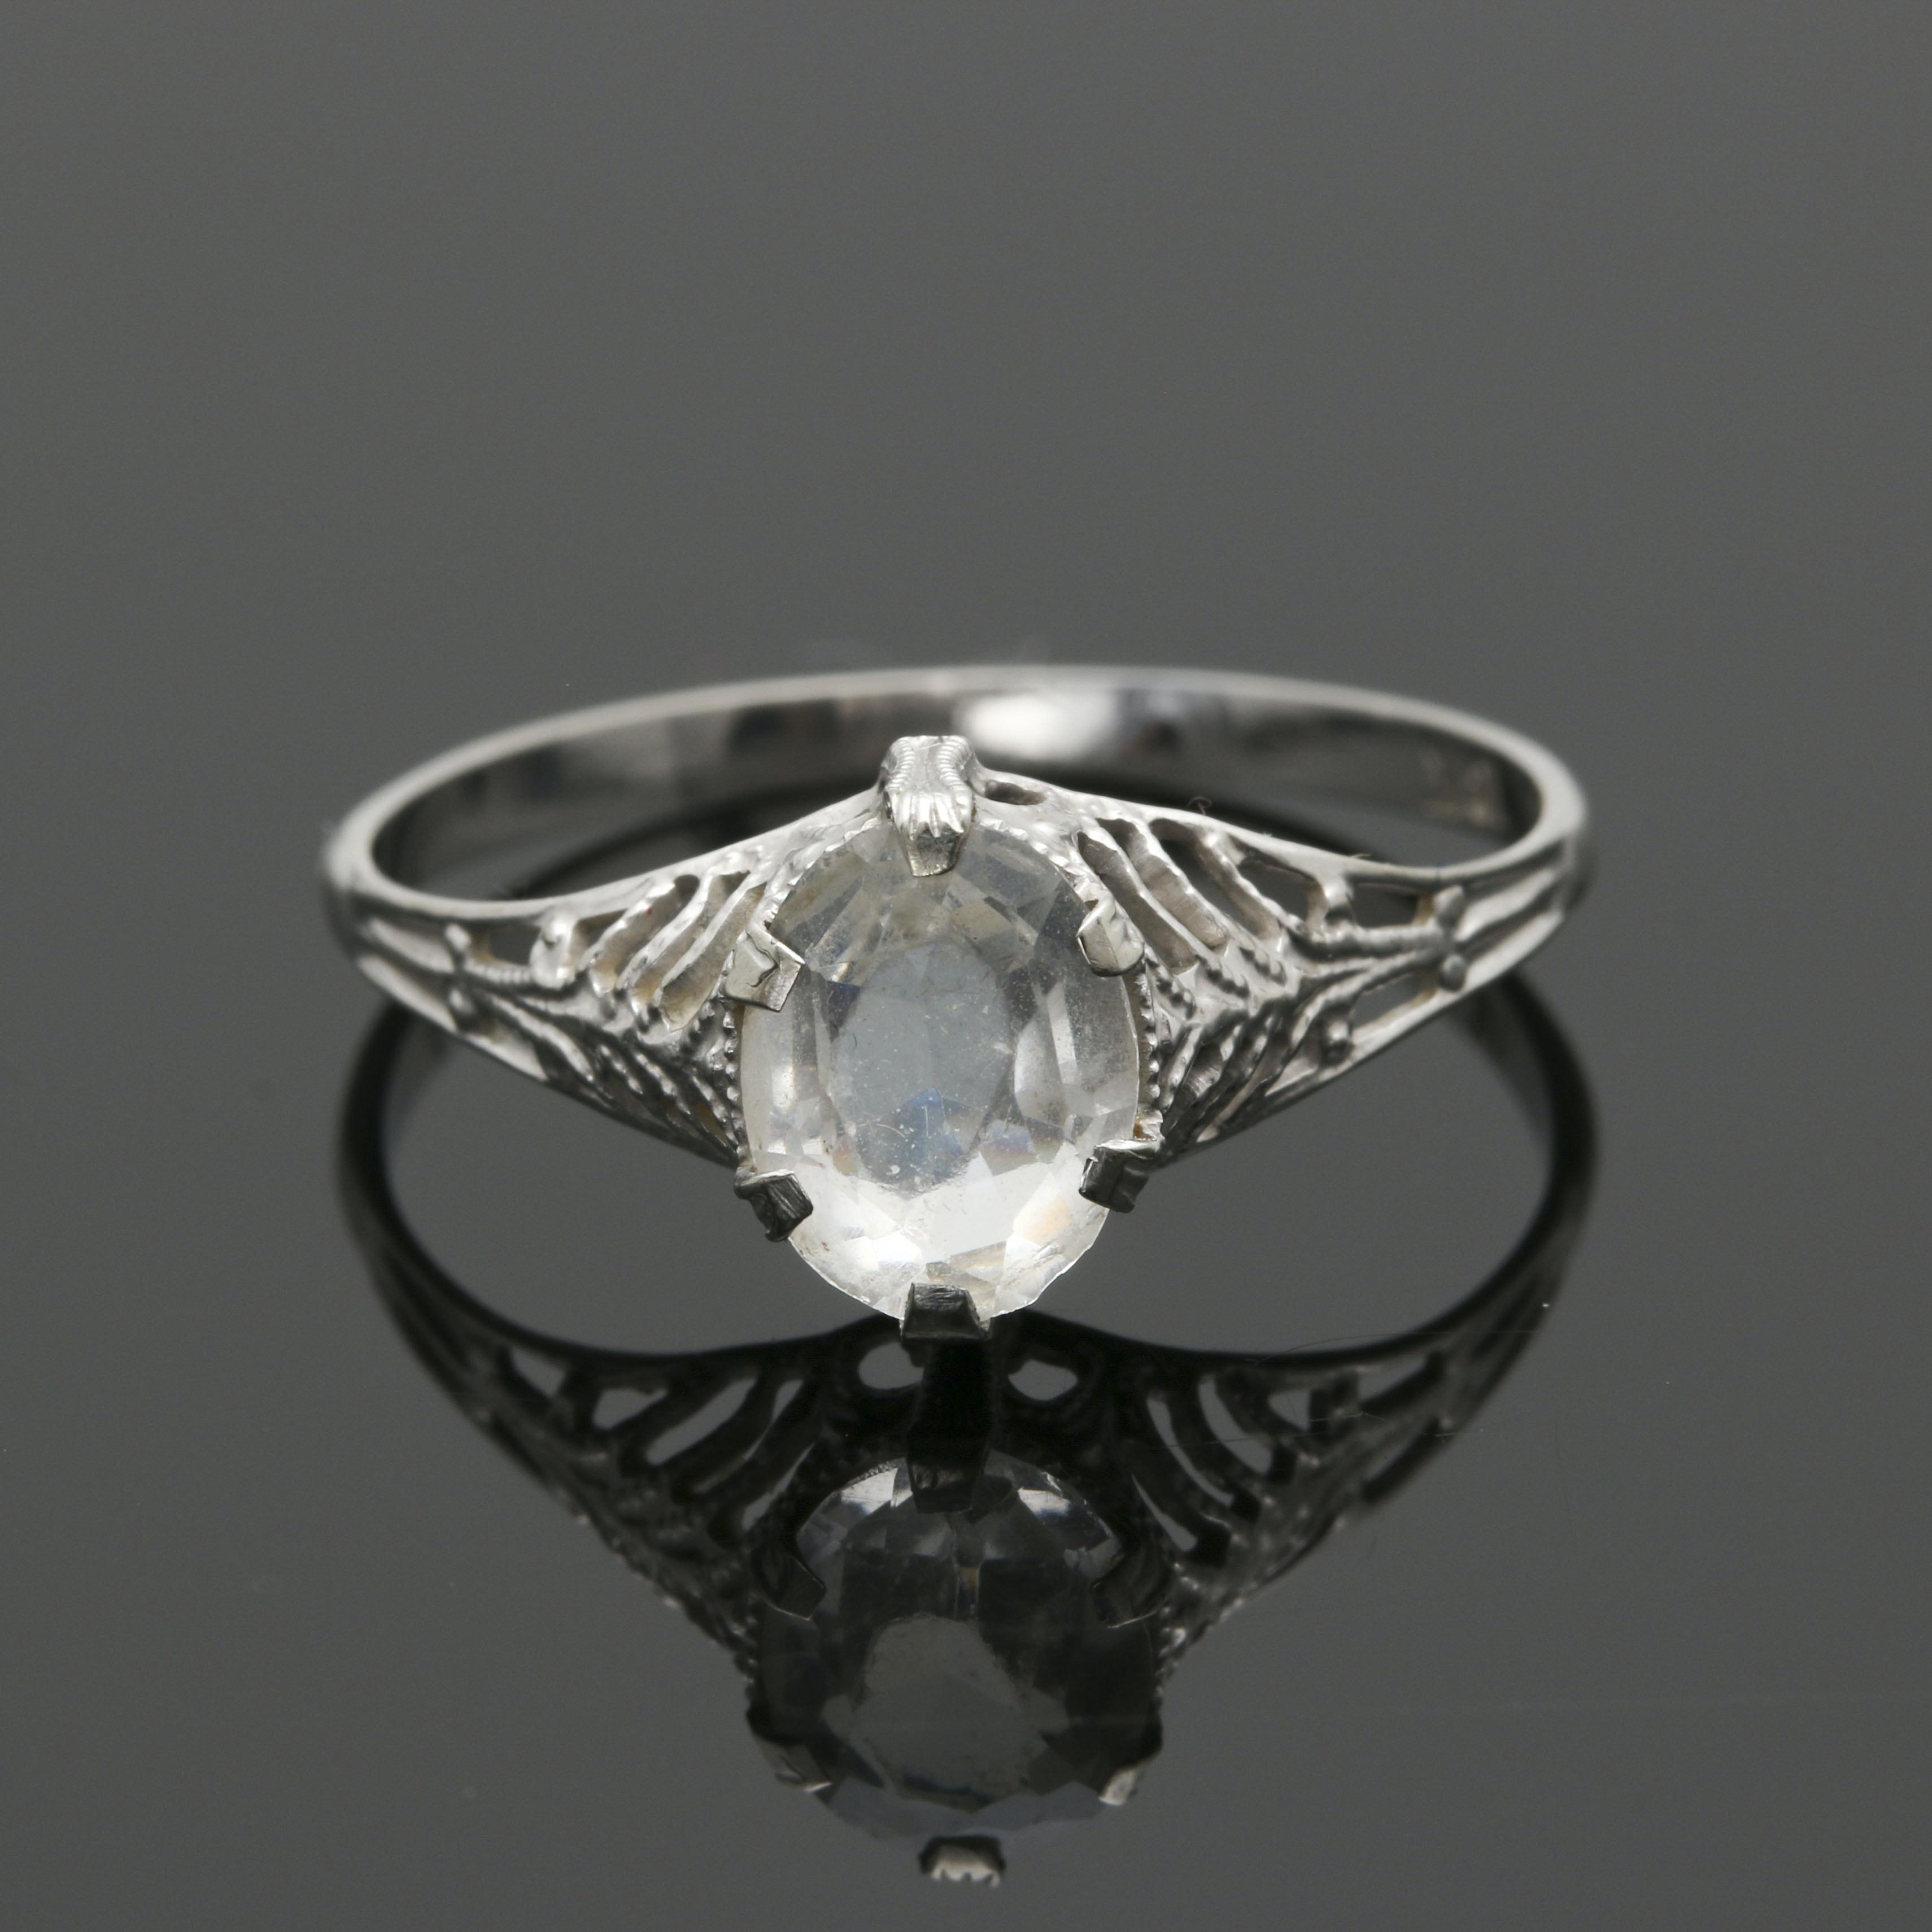 18K White Gold Glass Ring